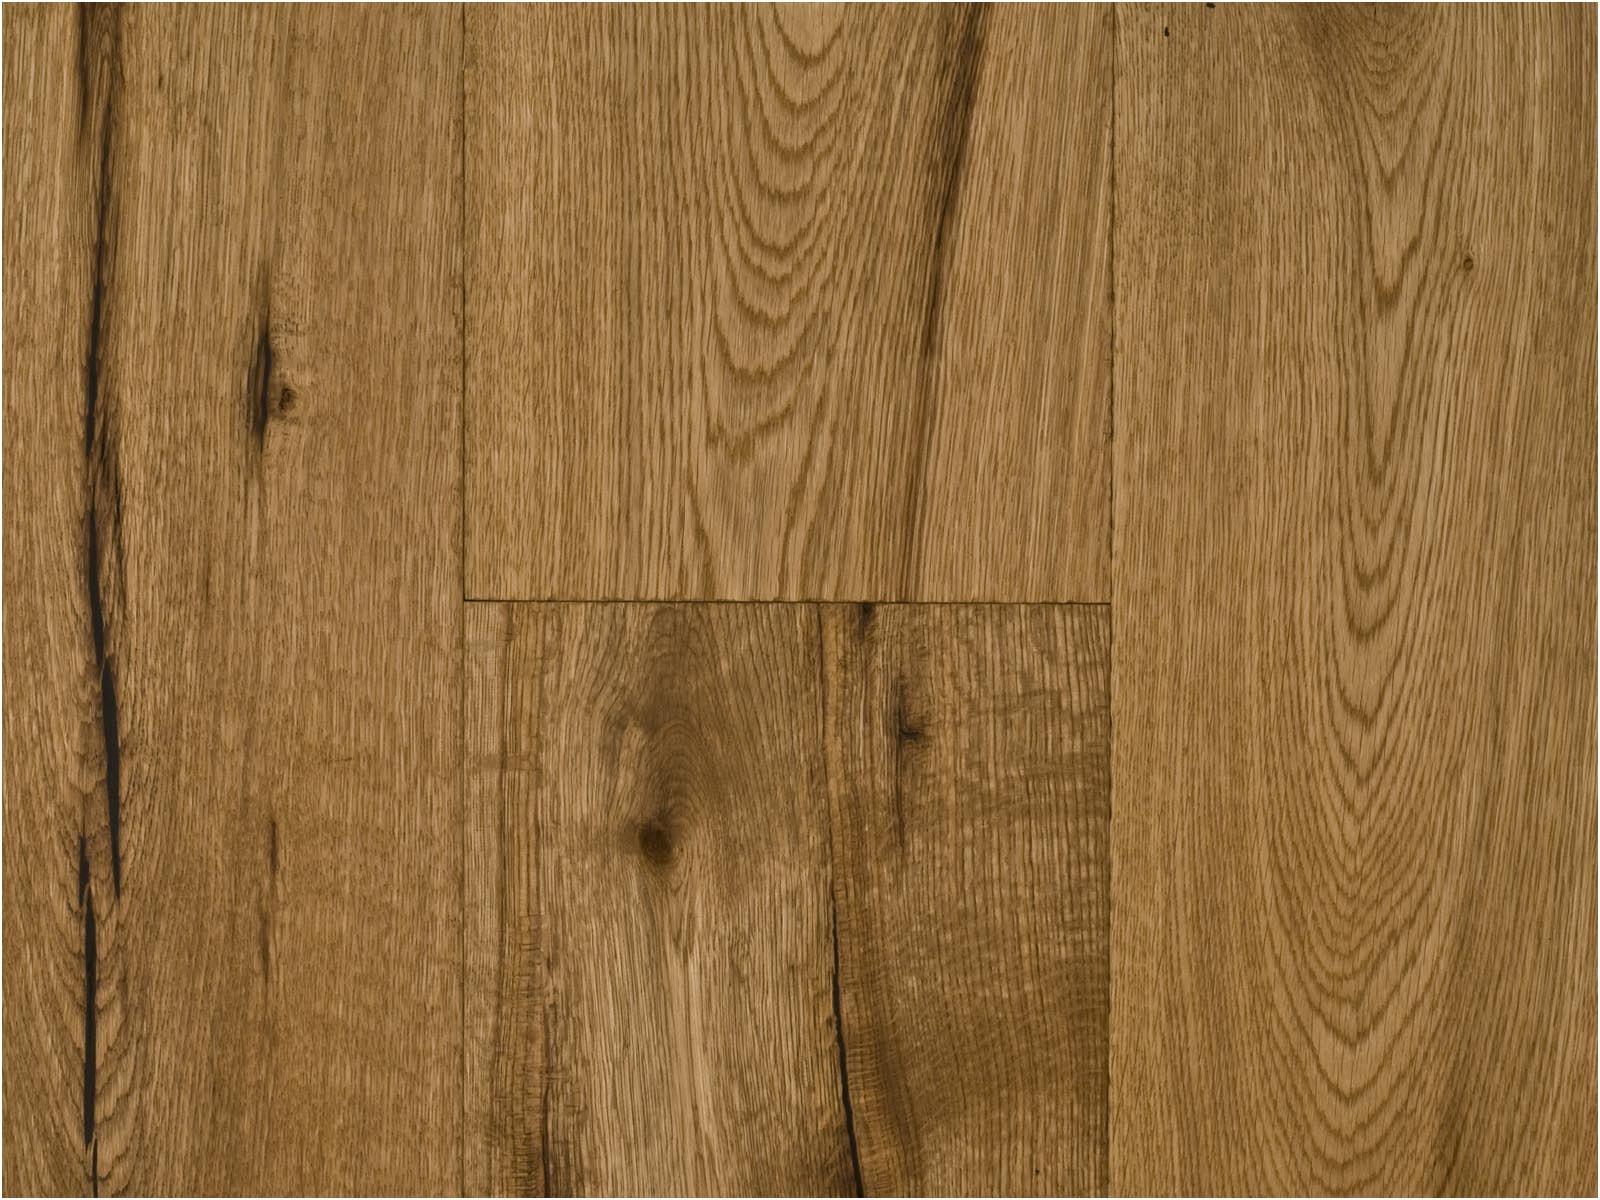 Rustic Wide Plank Engineered Hardwood Flooring Of Wide Plank French Oak Flooring Elegant Duchateau Hardwood Flooring for Wide Plank French Oak Flooring Elegant Duchateau Hardwood Flooring Houston Tx Discount Engineered Wood